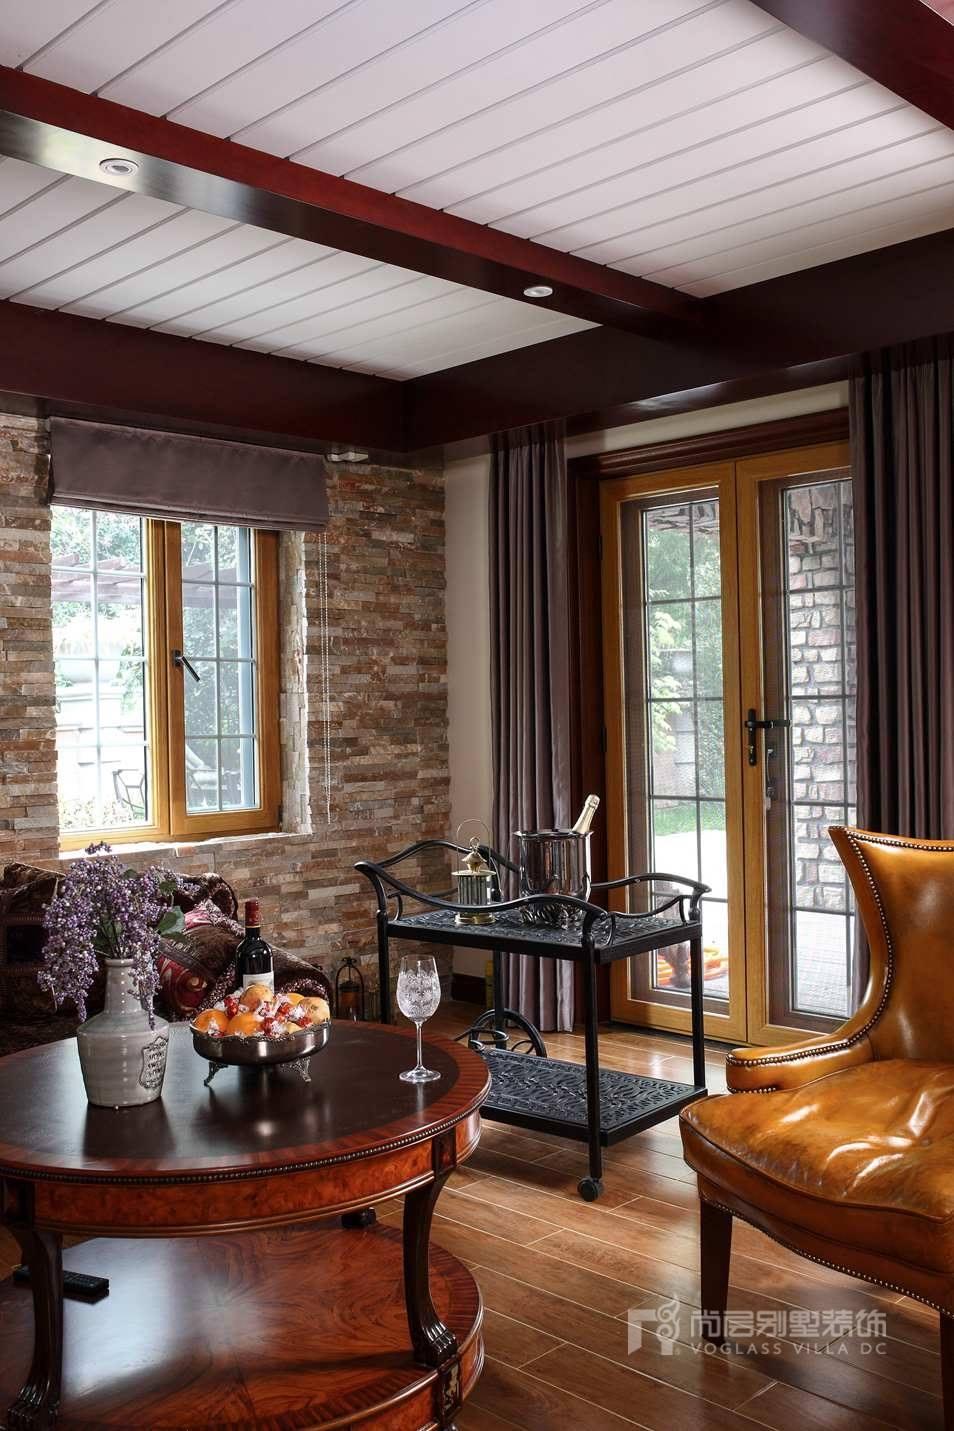 美式别墅装修风格样板房